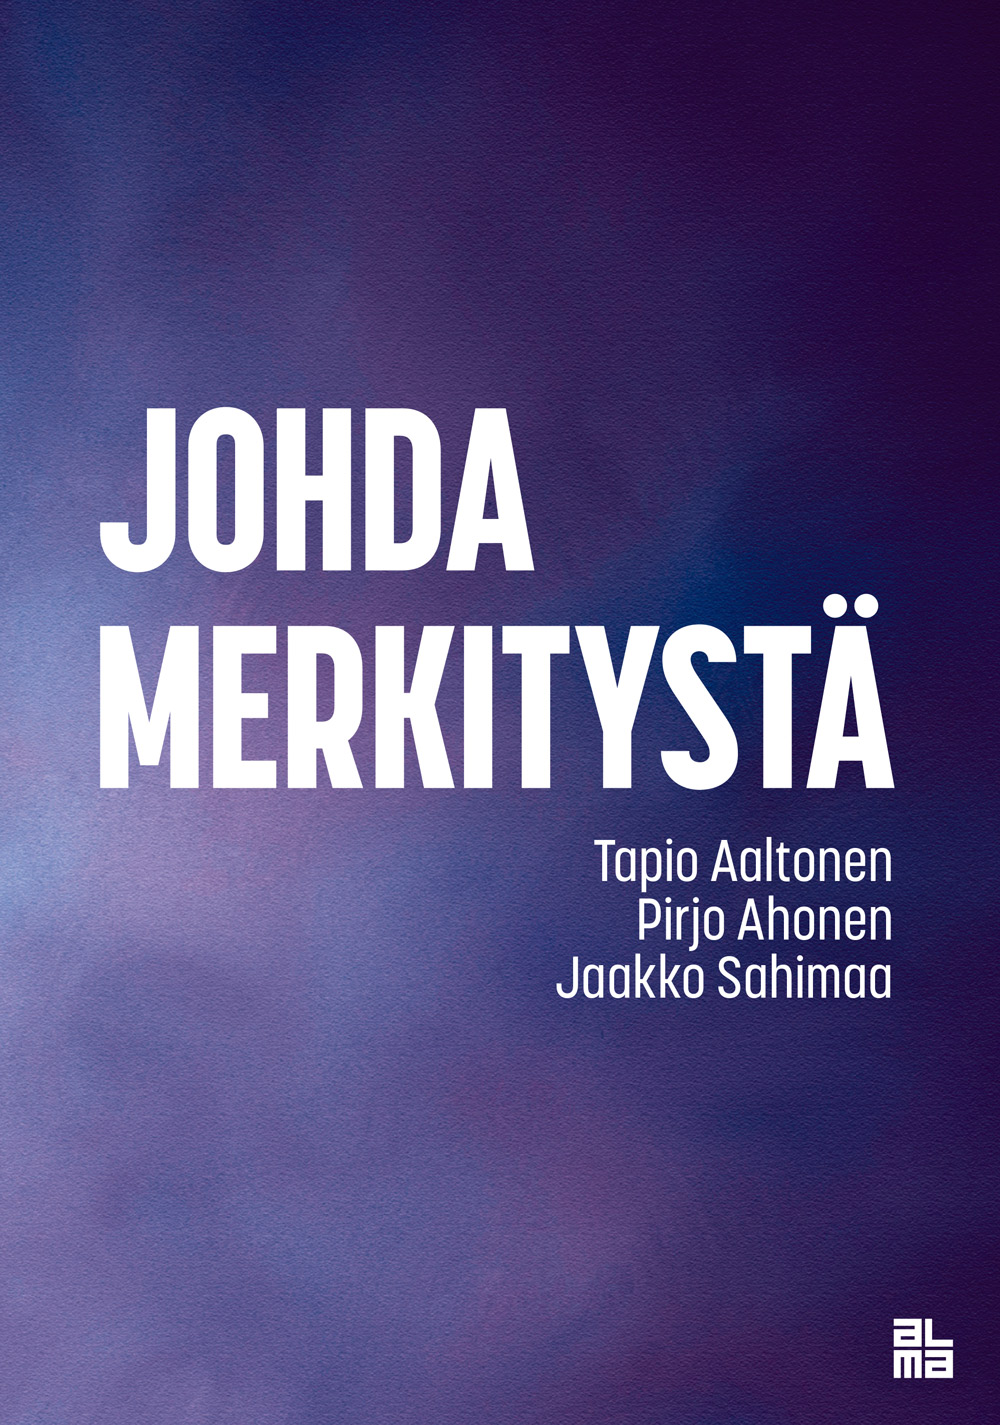 Johda merkitystä -kirja kilpailee finaalissa Suomen Ekonomien bisneskirjapalkinnosta